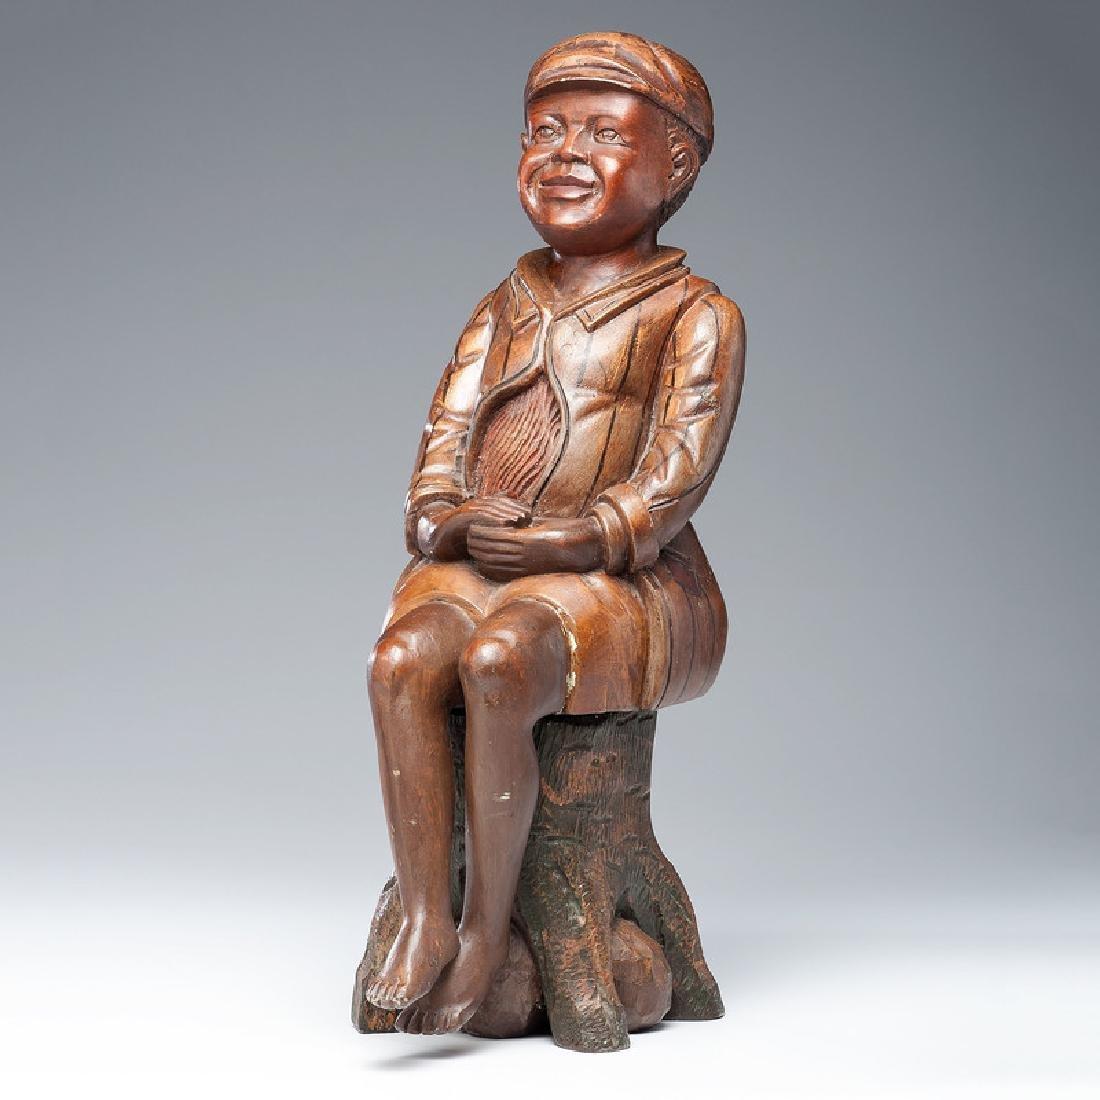 Folk Art Sculpture of a Seated Boy